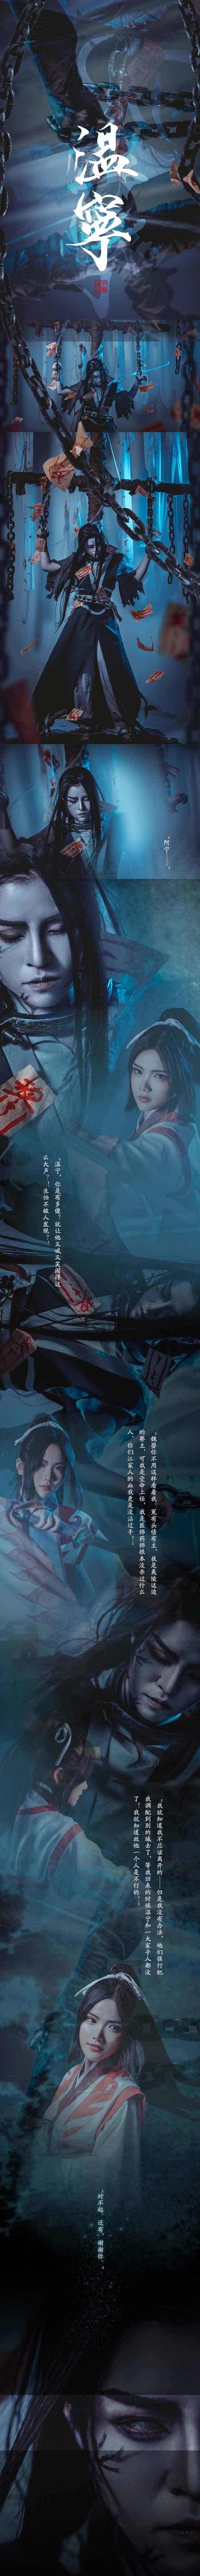 【COSPLAY】魔道祖师——鬼将军-C3动漫网